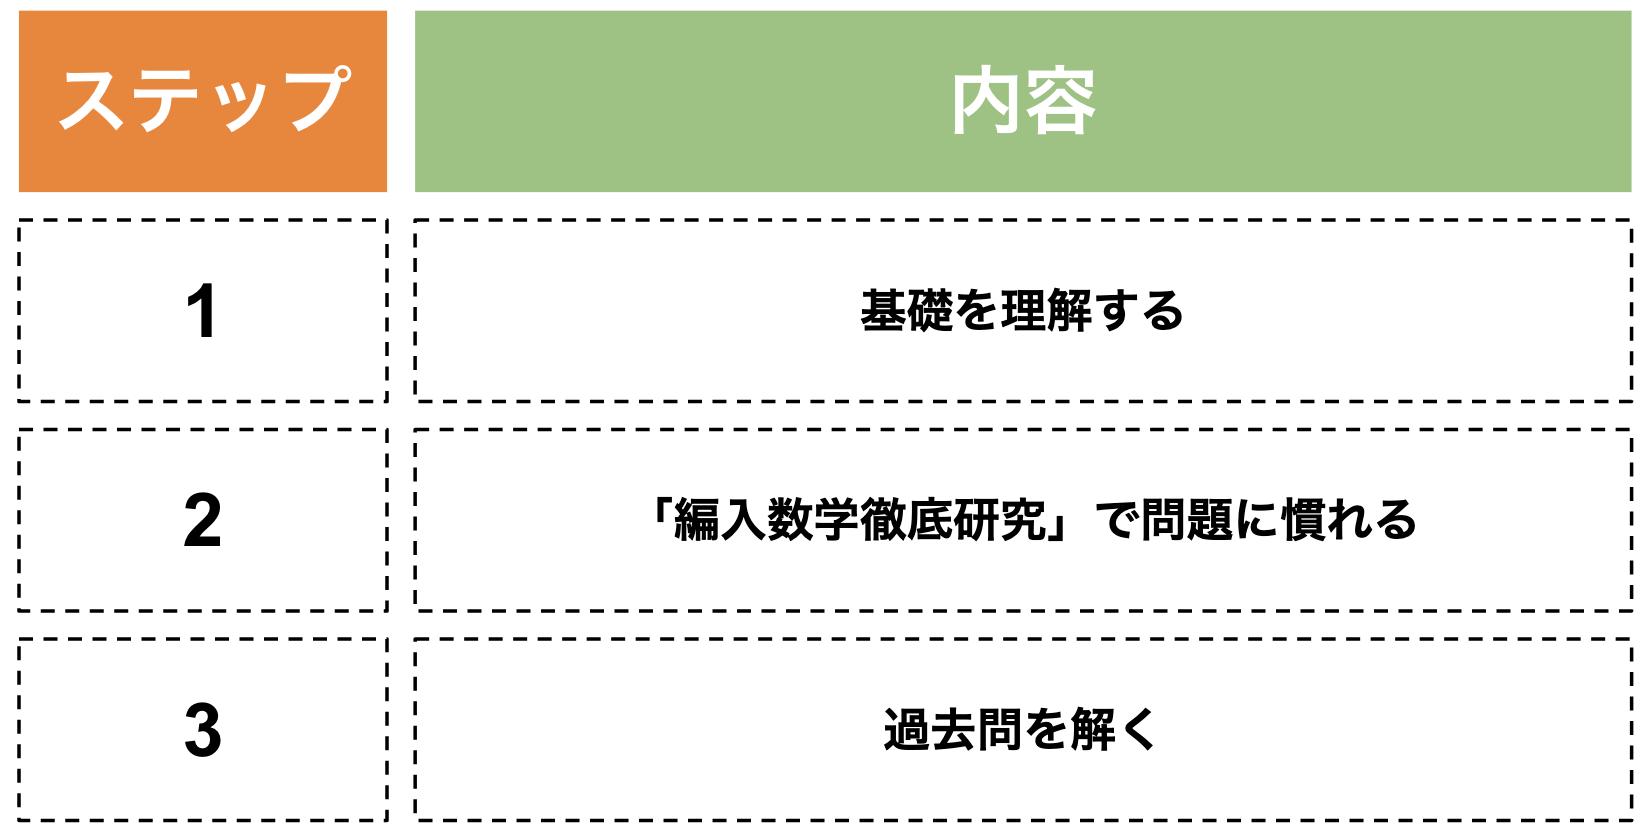 大学編入の学習方法3ステップ